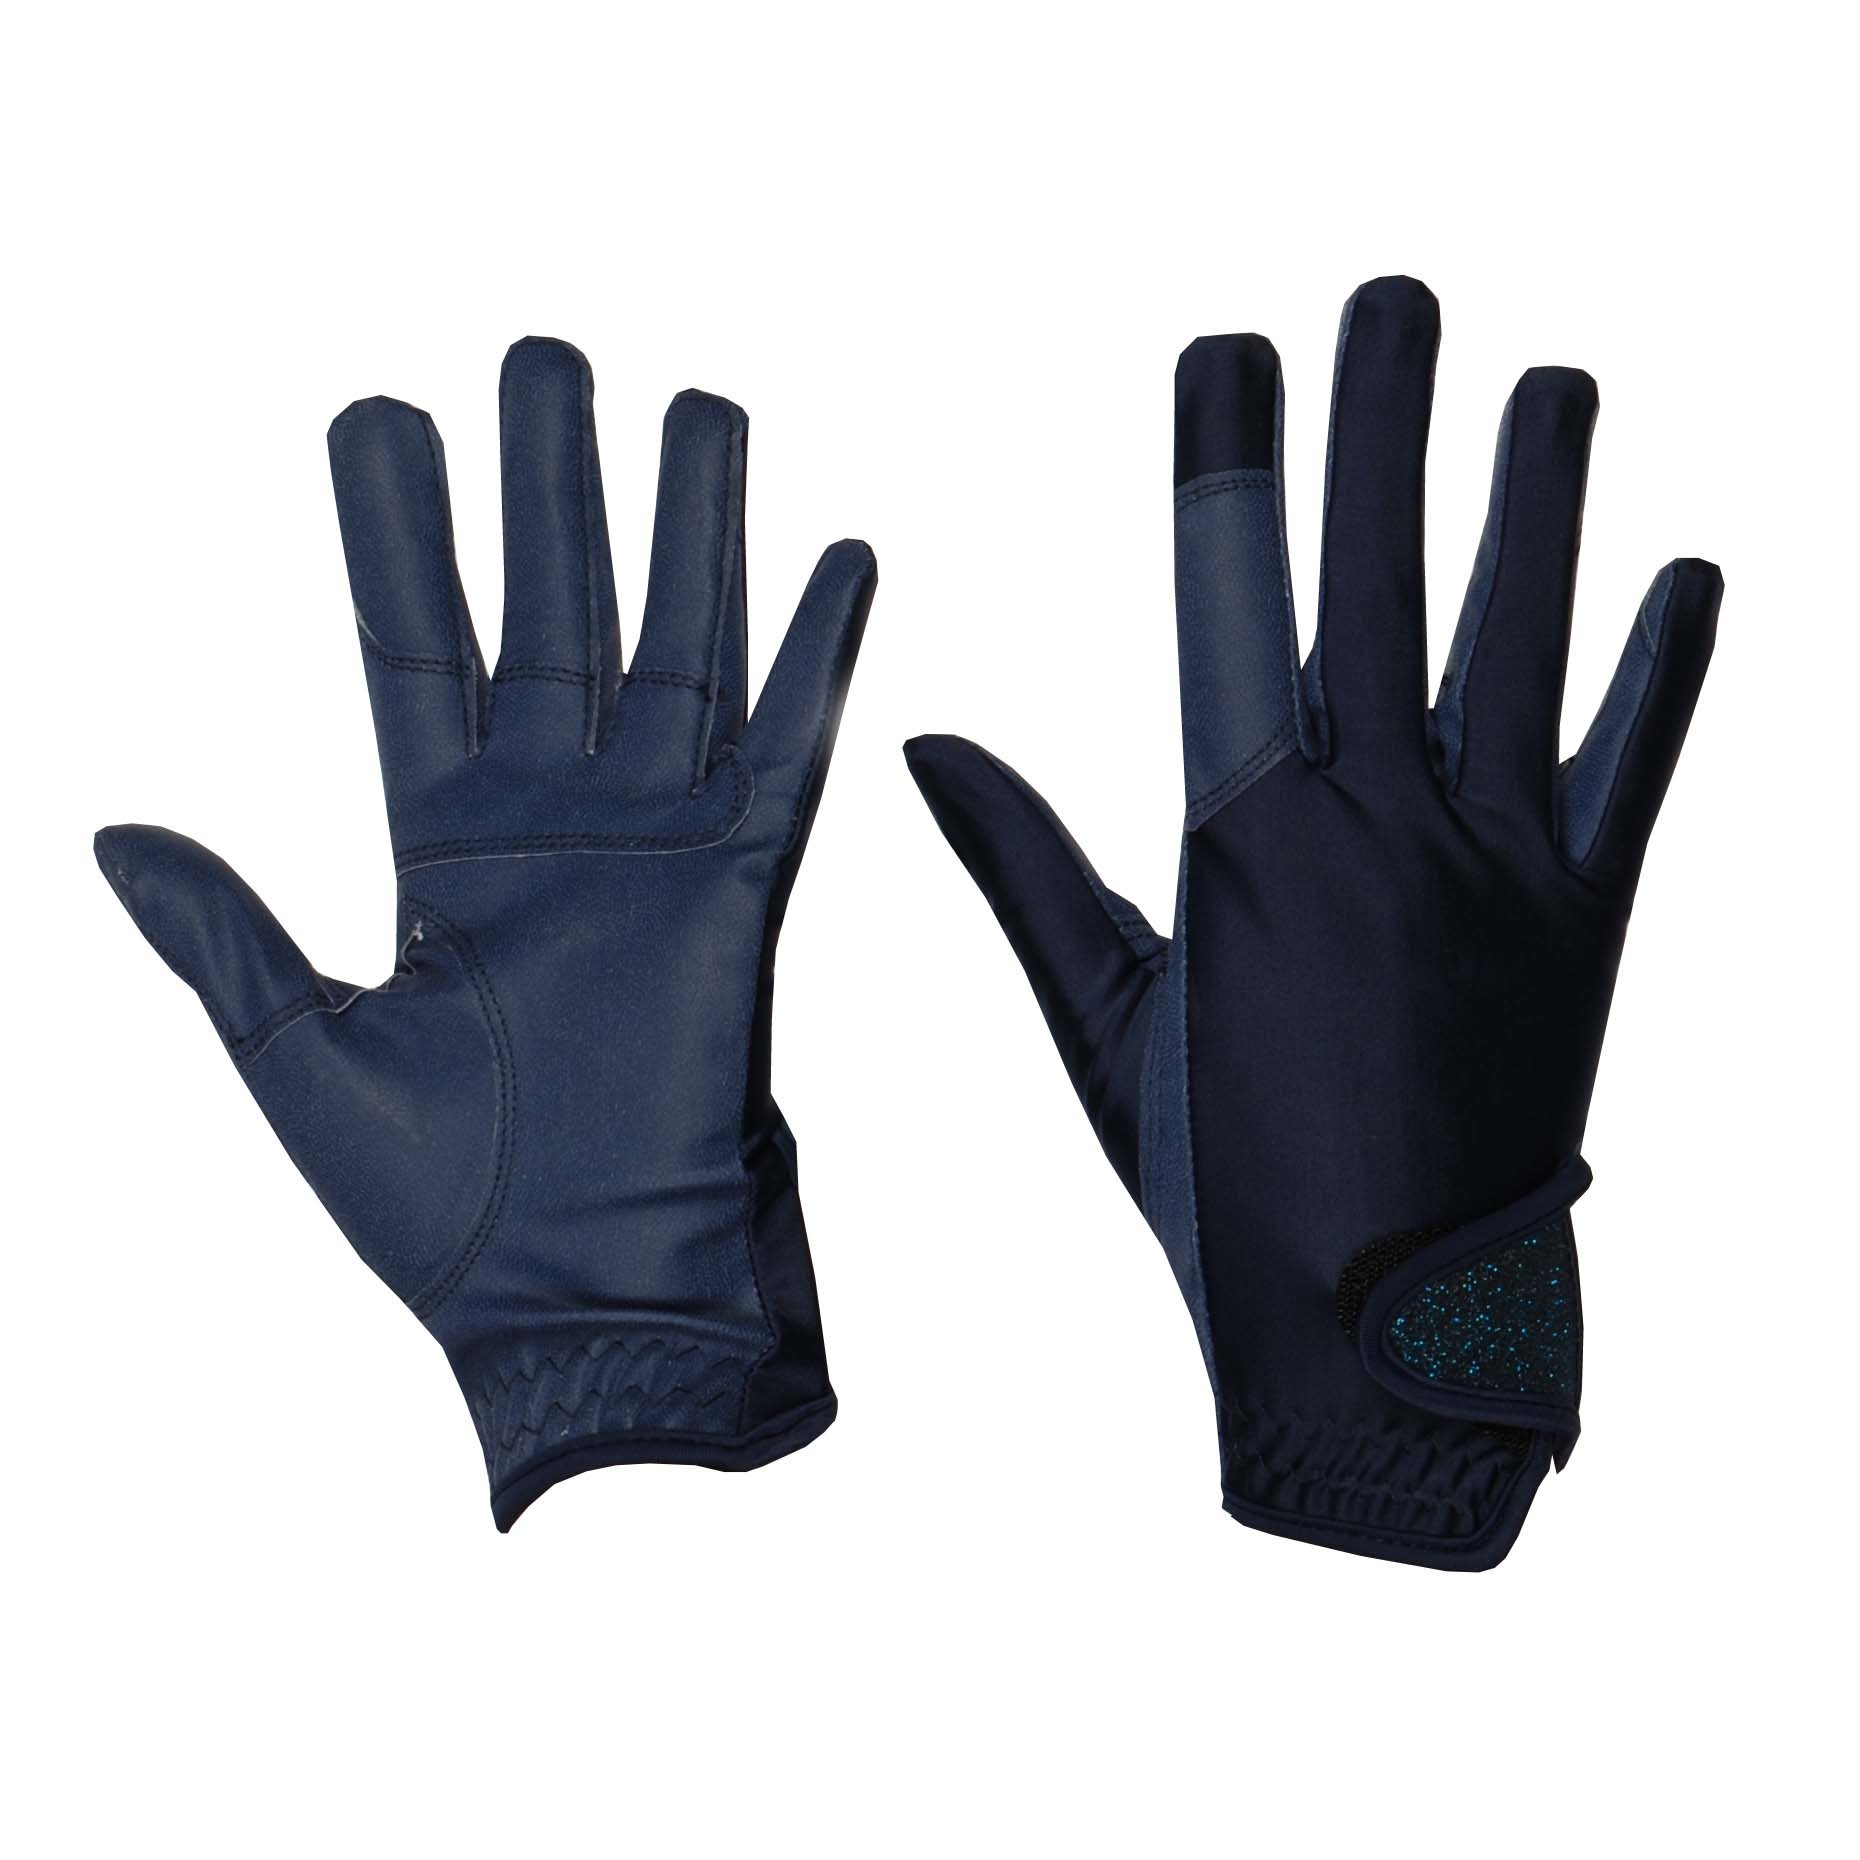 Mondoni Medellin handschoenen donkerblauw maat:s